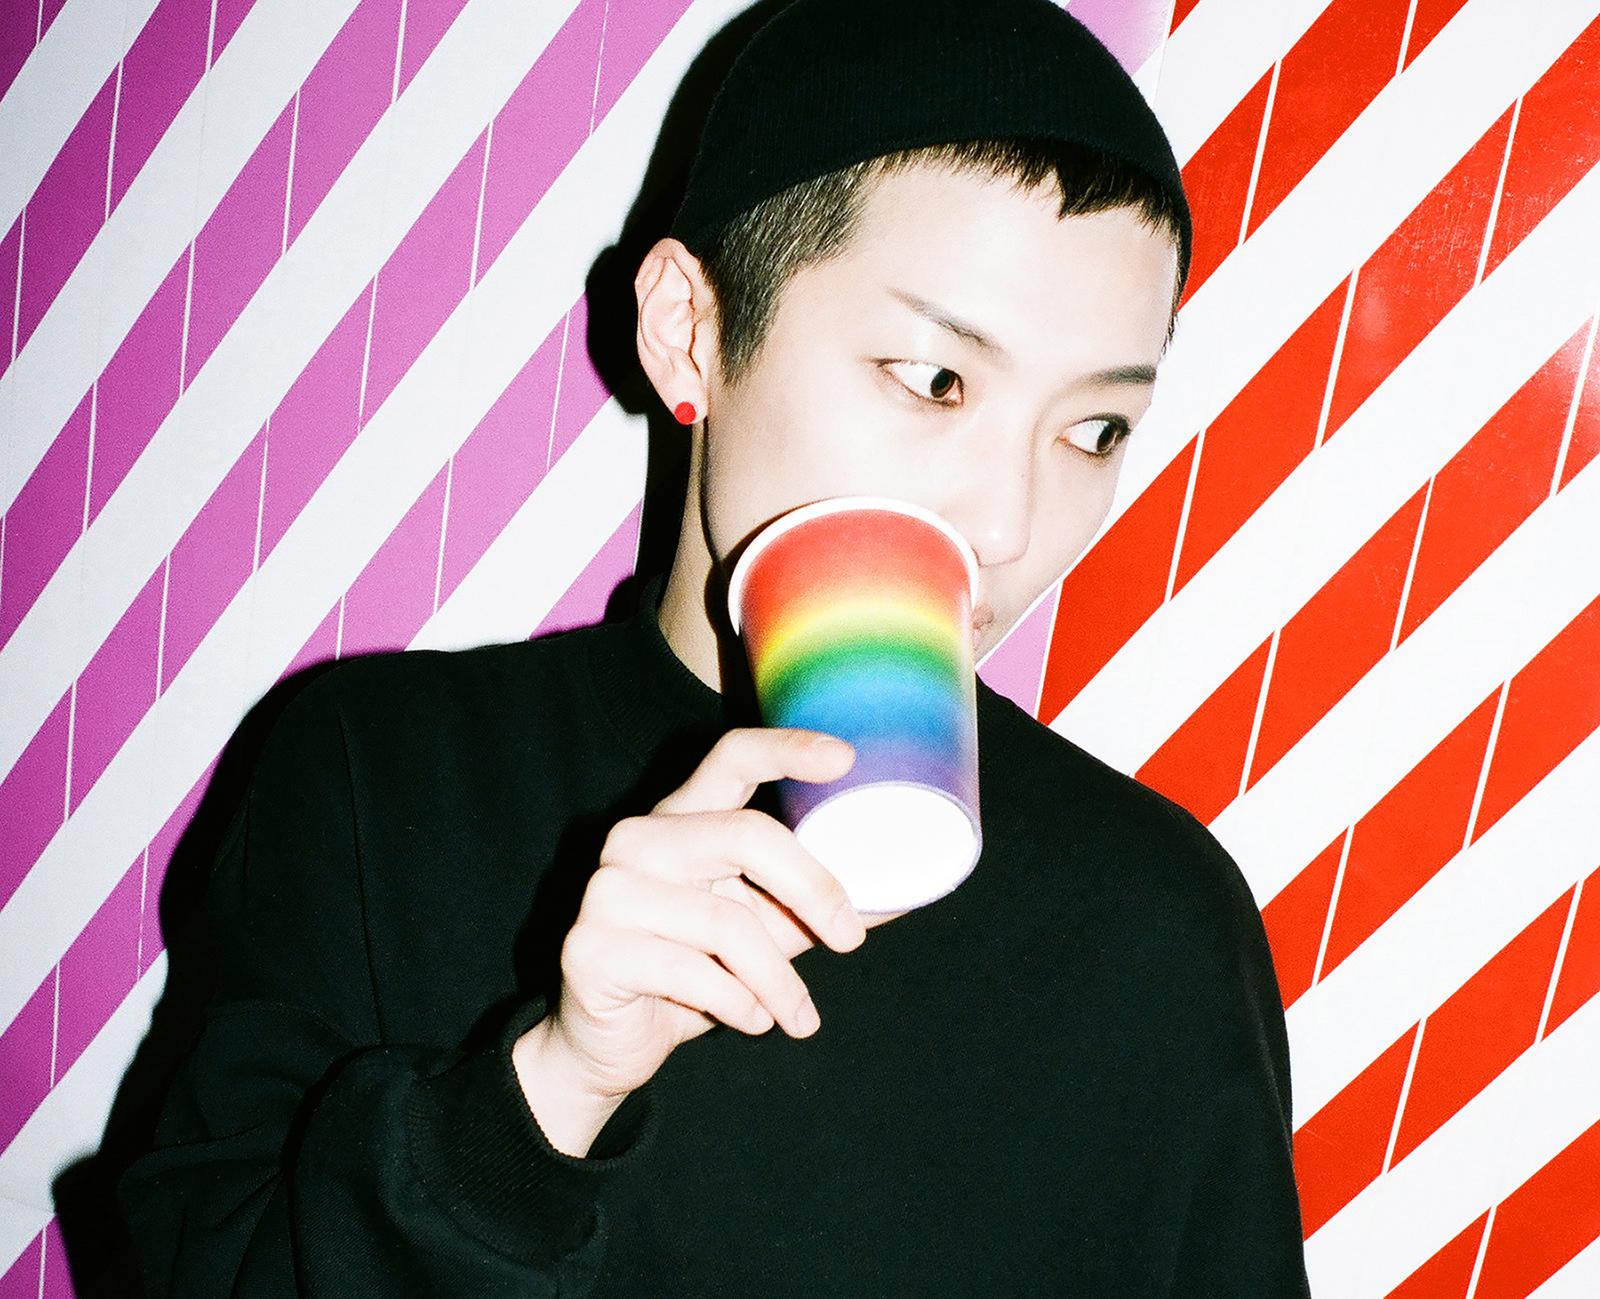 Na Kim. Photo: LESS